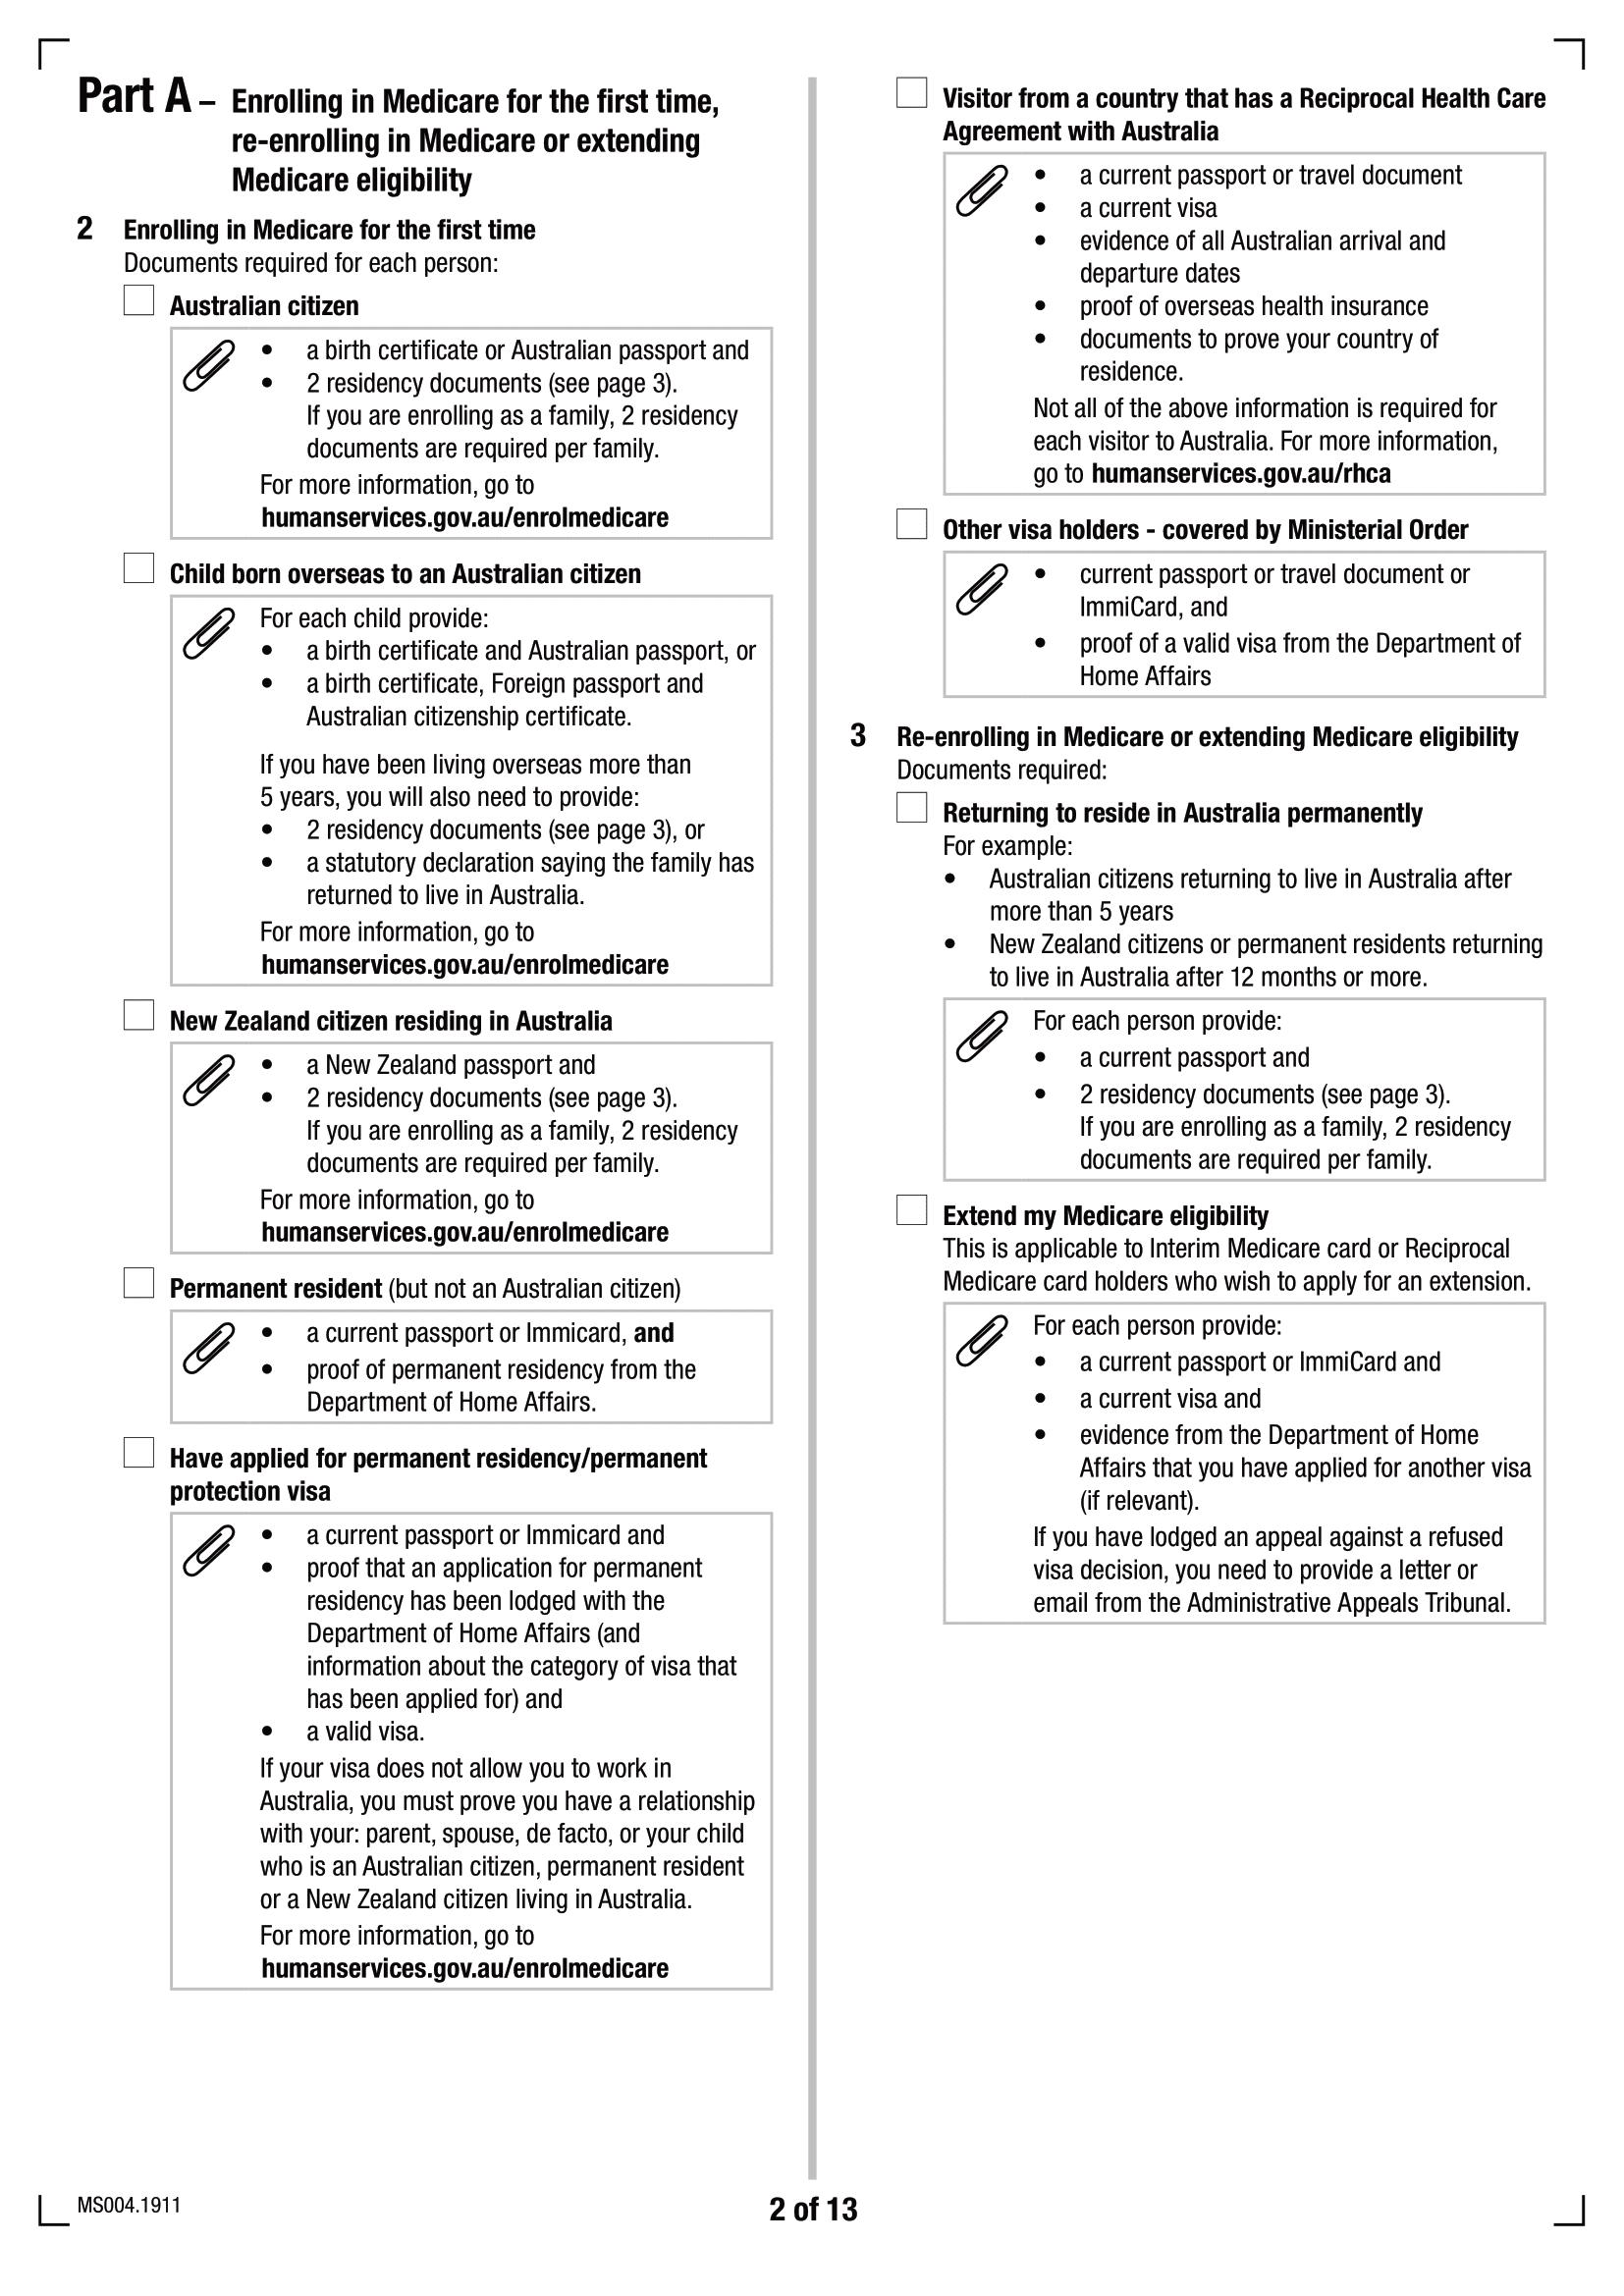 Formulaire d'inscription Medicare MS004 - Page 2